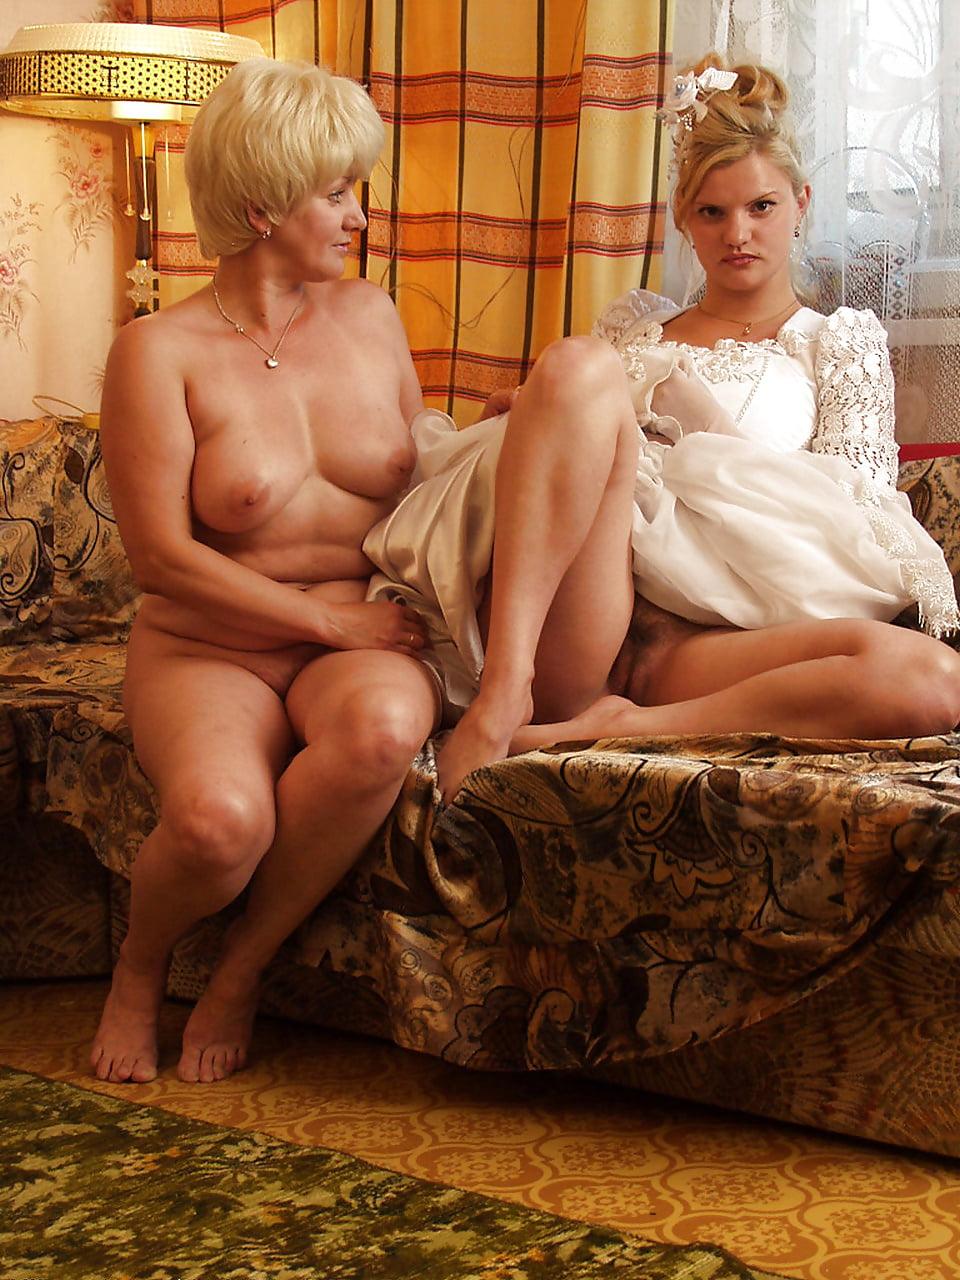 русские мамочки эро смотреть онлайн - 7